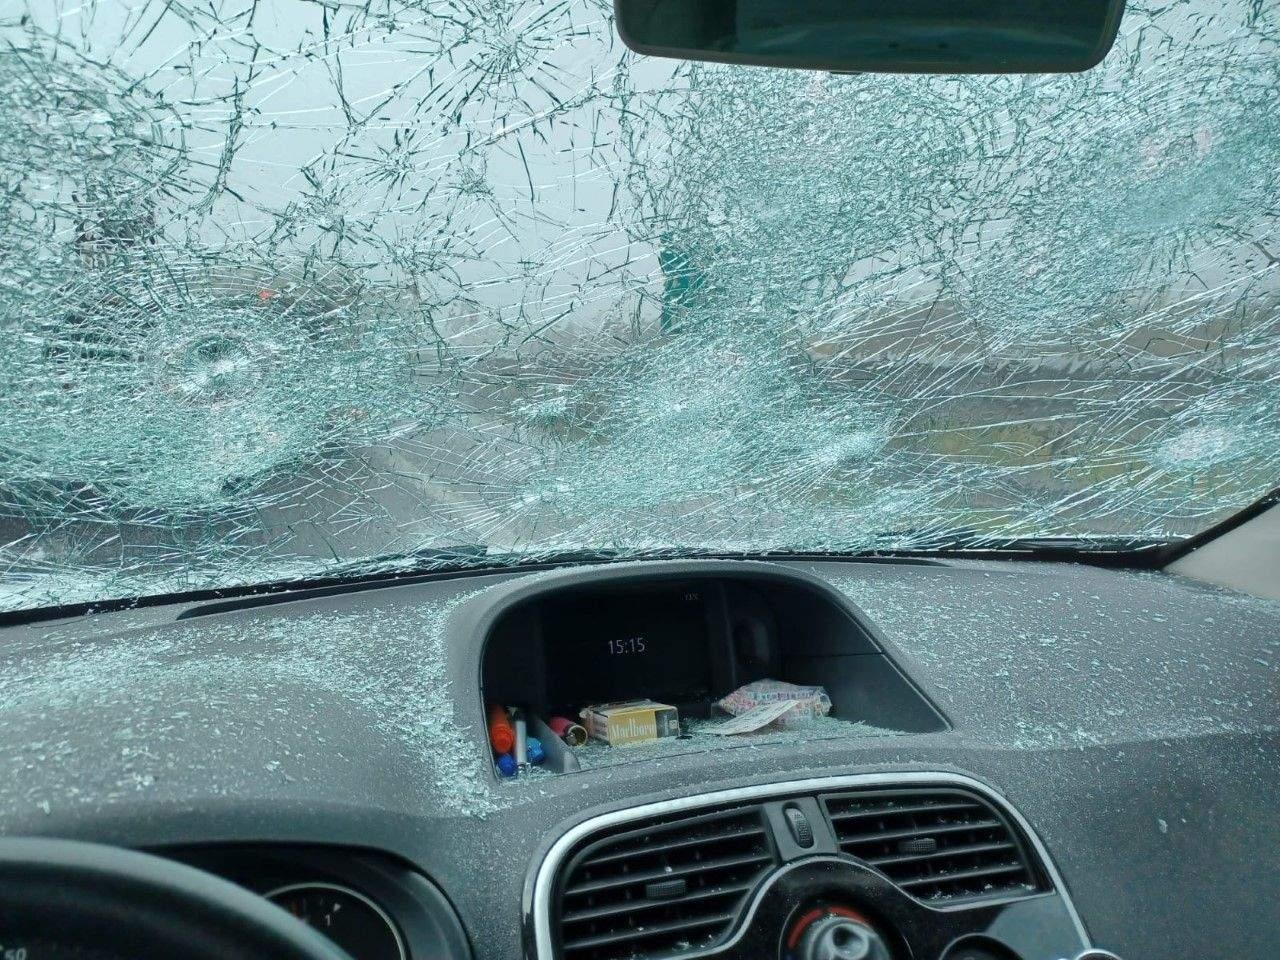 Сильний град в Італії побив скло автомобілів